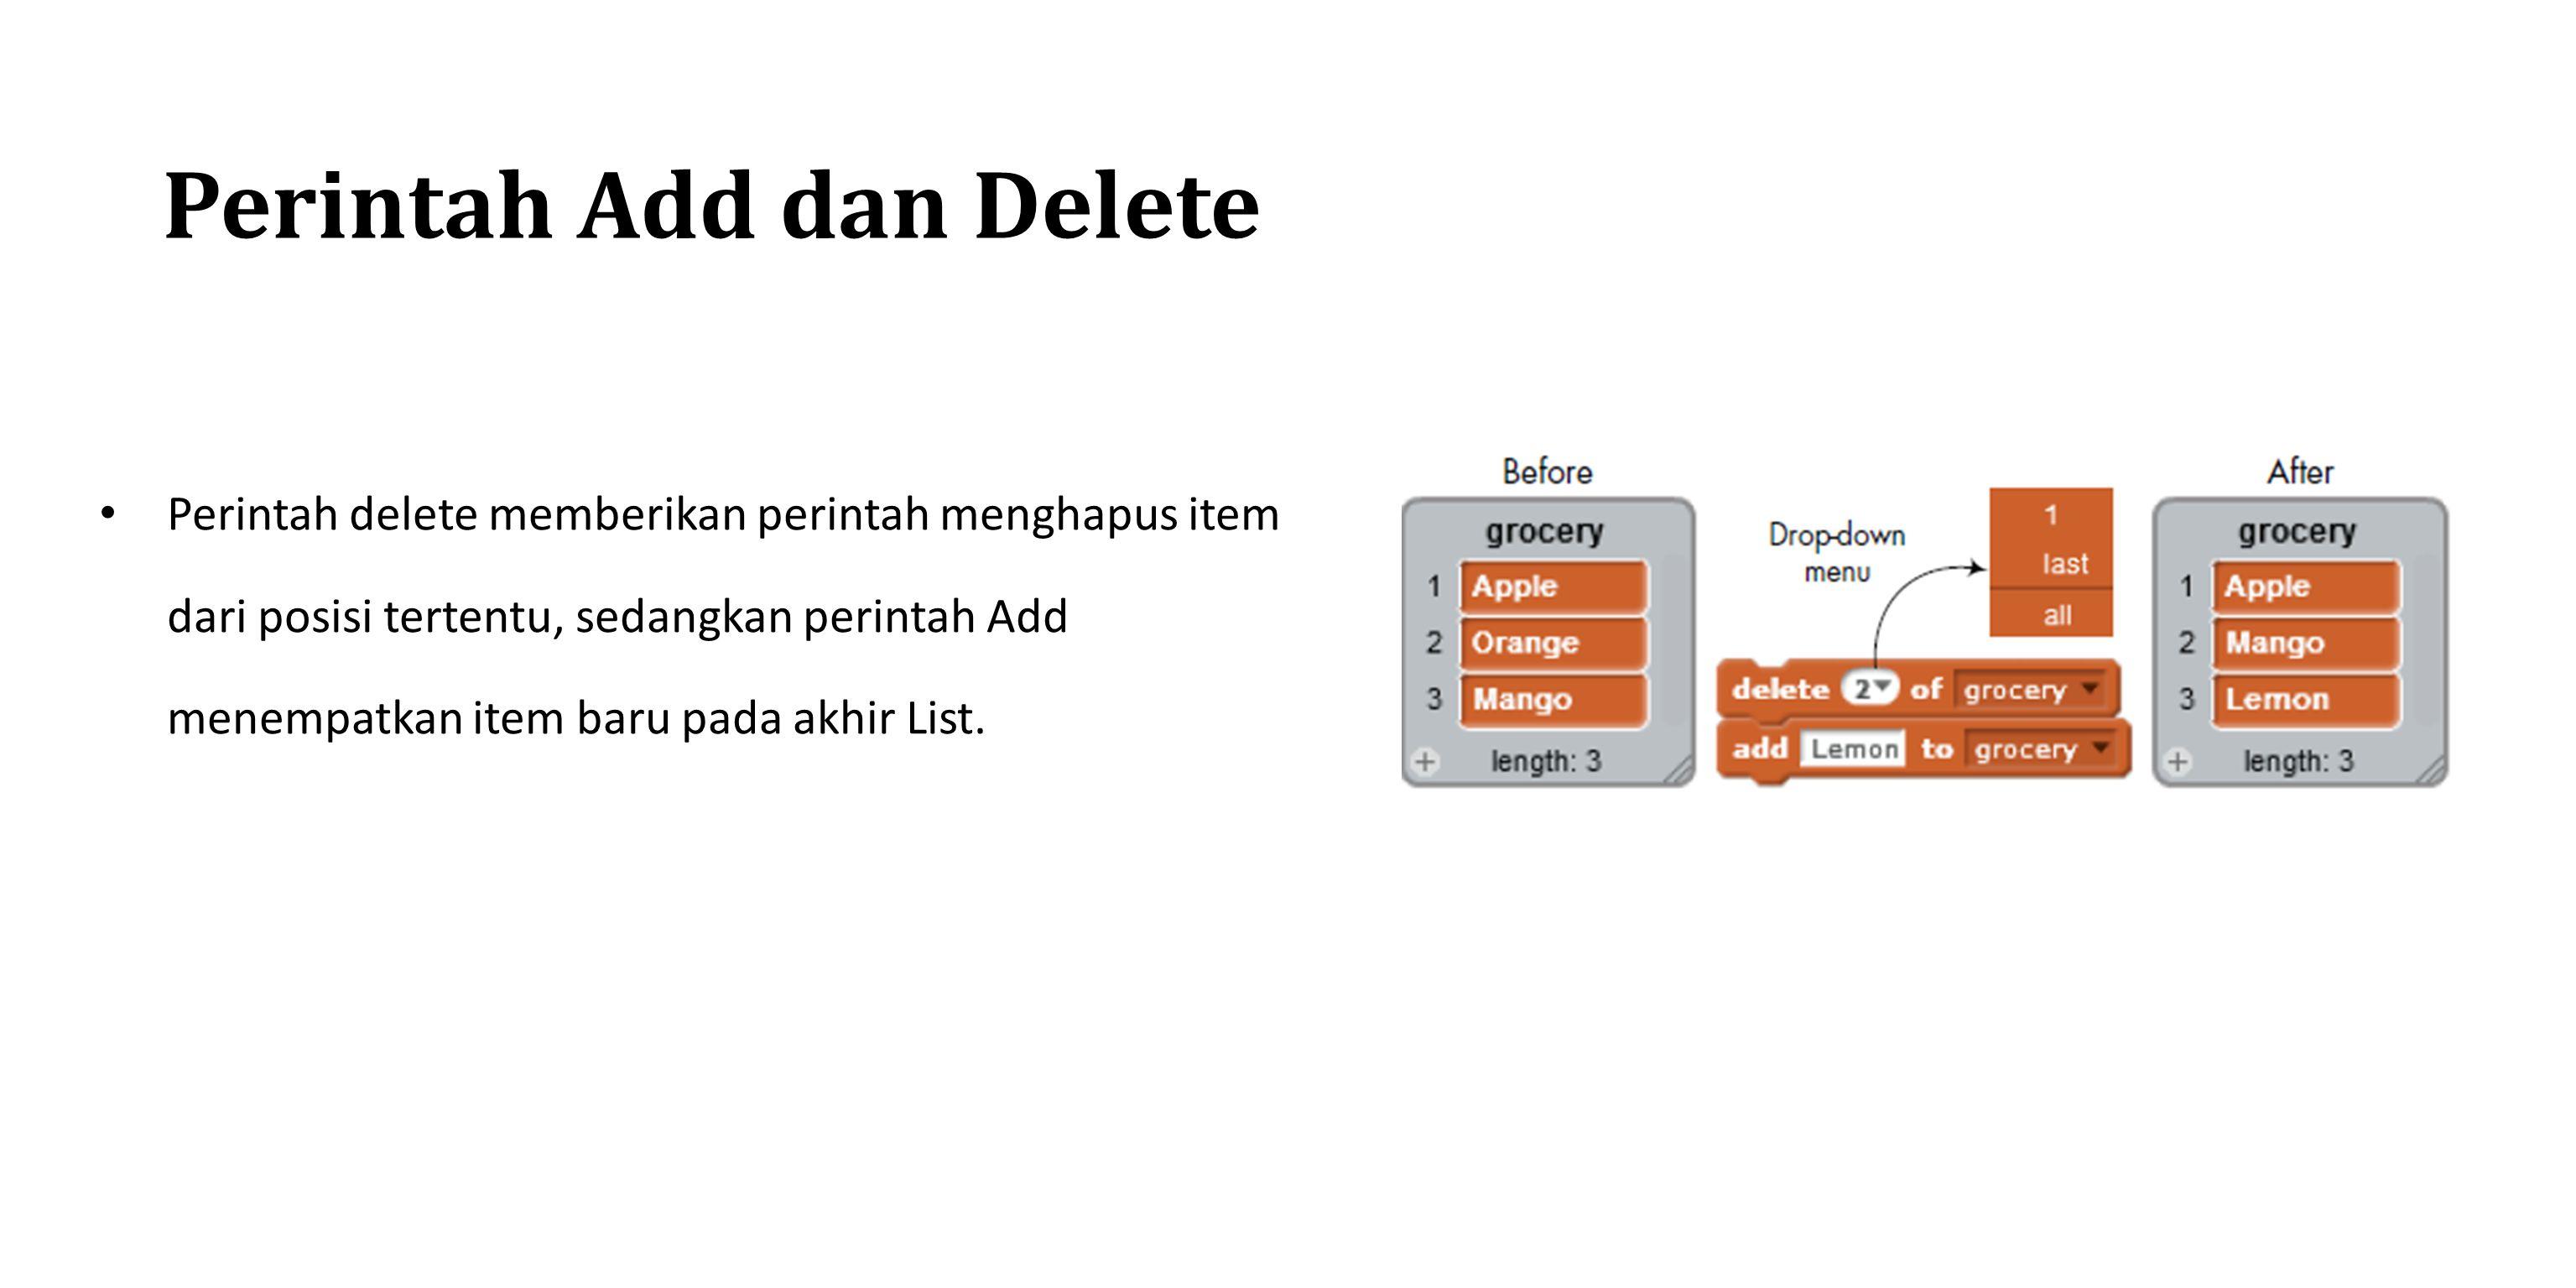 Perintah Add dan Delete Perintah delete memberikan perintah menghapus item dari posisi tertentu, sedangkan perintah Add menempatkan item baru pada akh